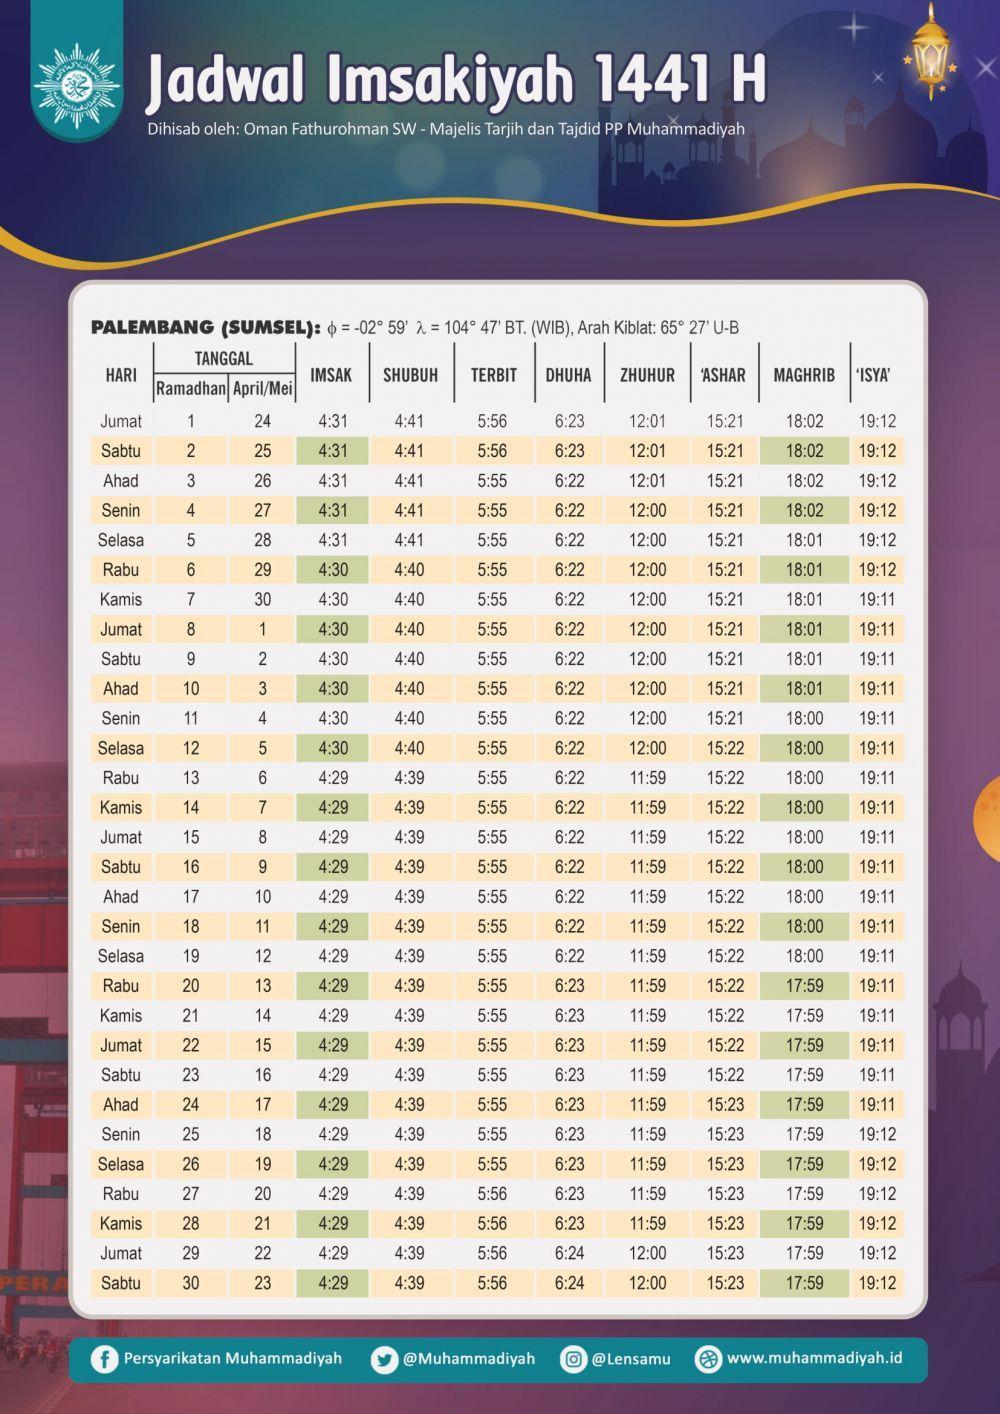 Jadwal Imsakiyah dan Buka Puasa Ramadan 1441 H/2020 M, Palembang